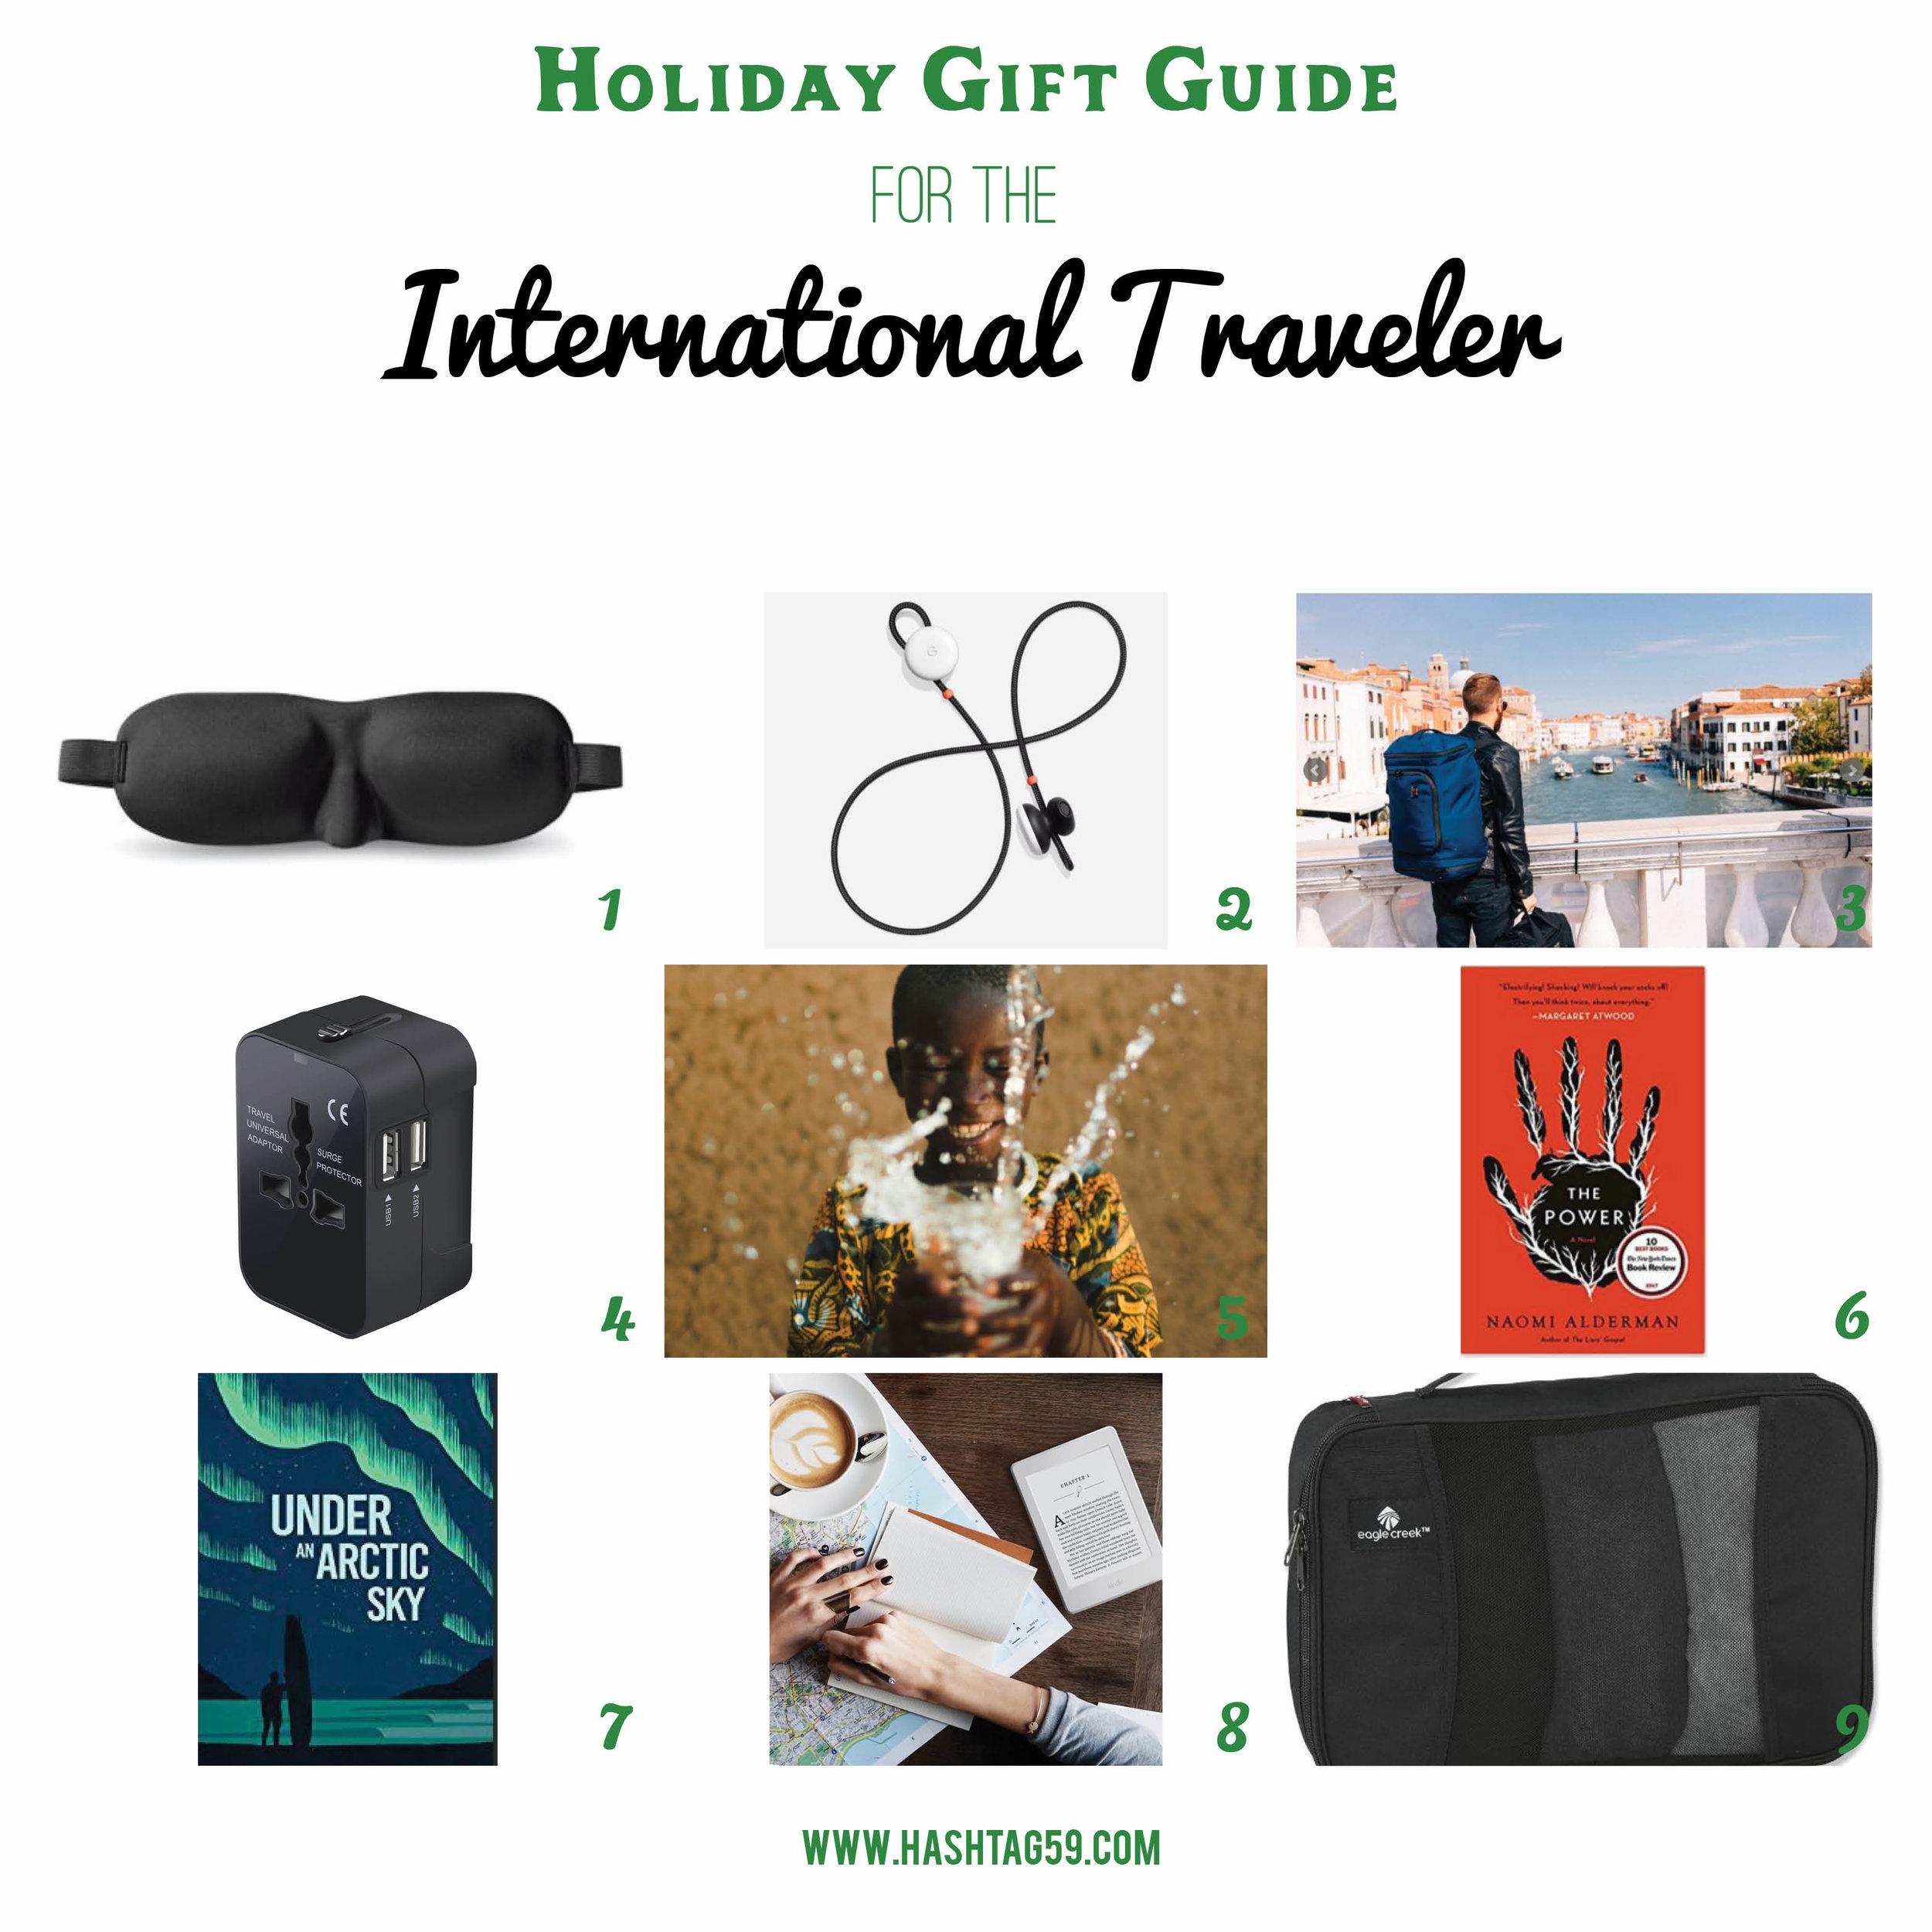 Holiday Gift Guide_International Traveler.jpg